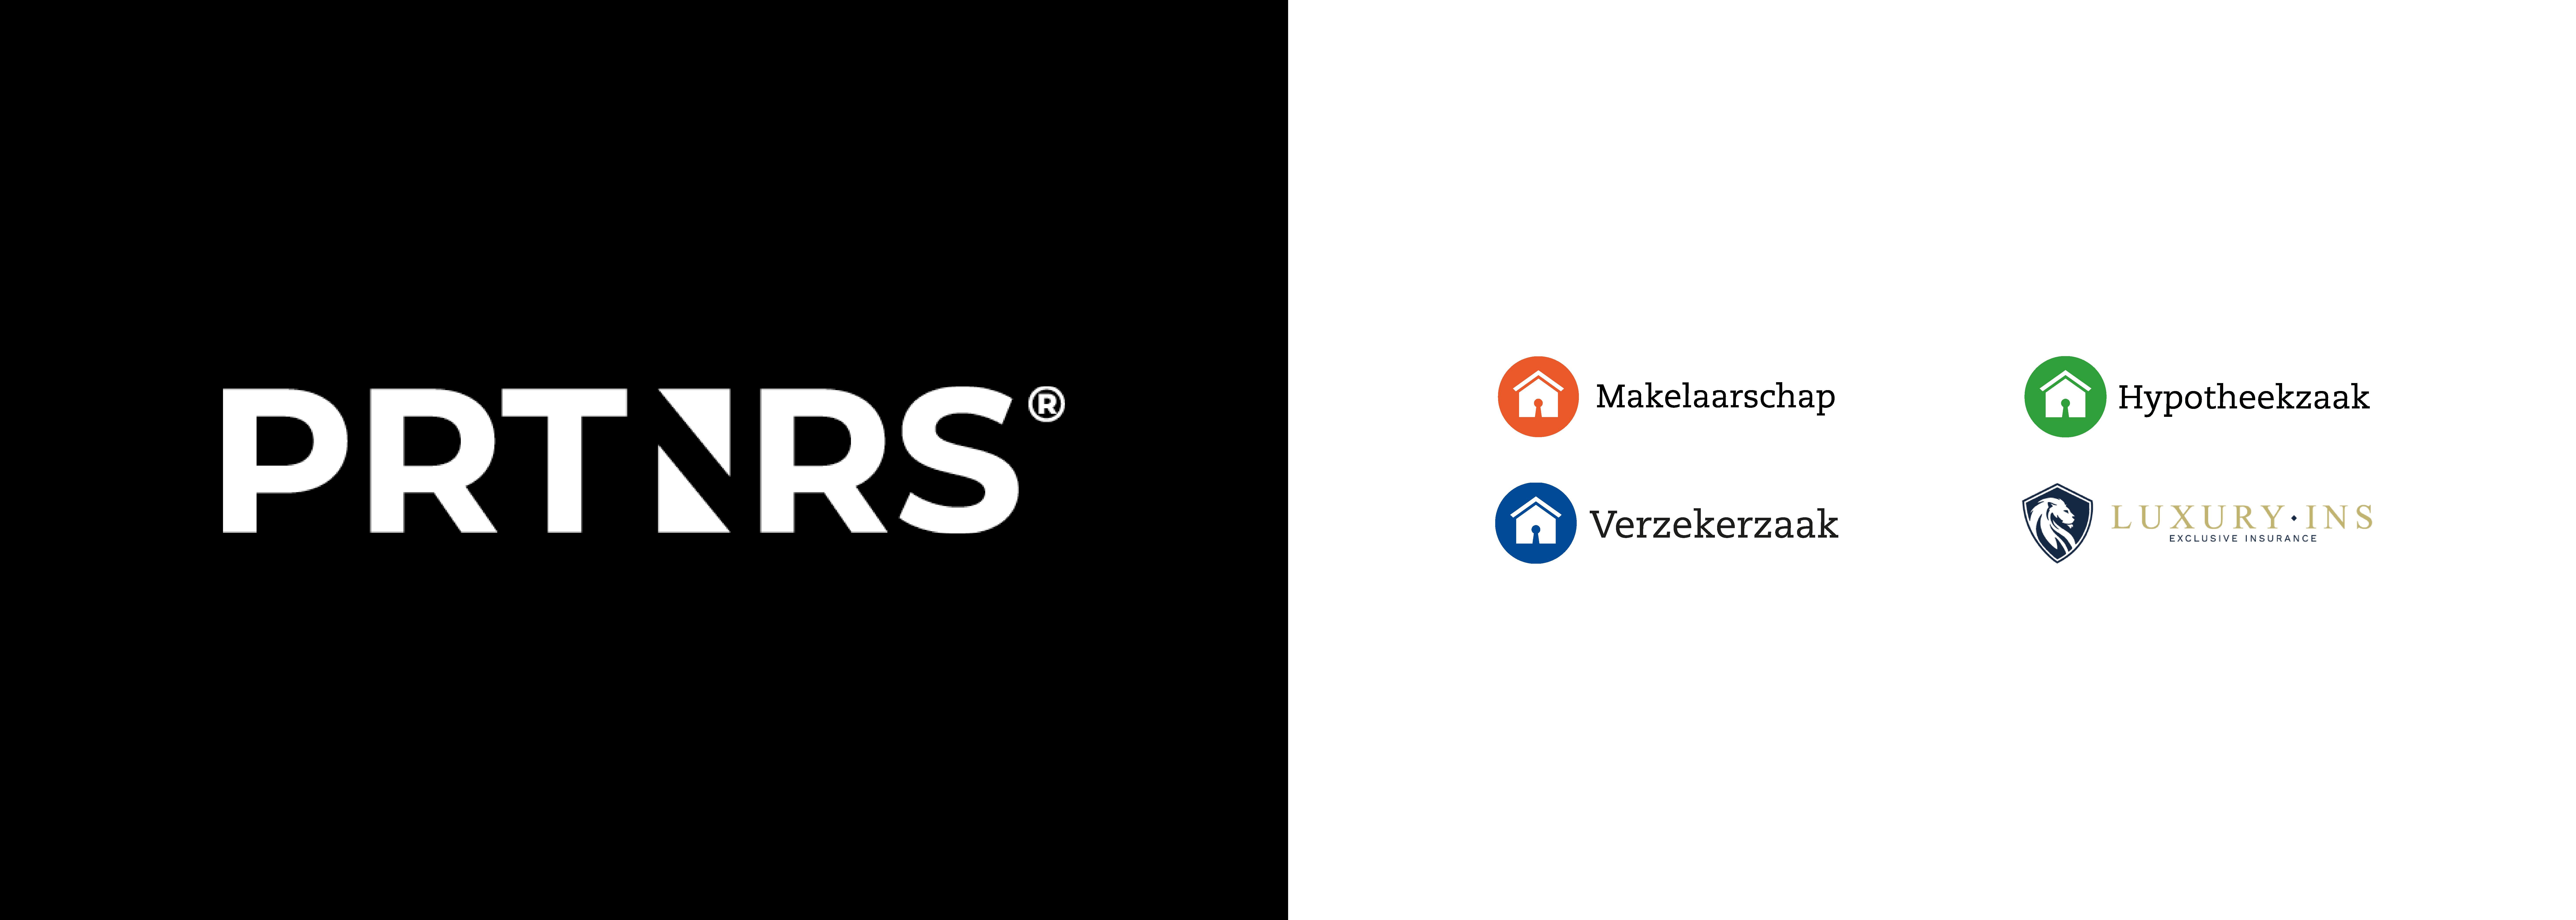 BlackDesk Case - Makelaarschap Verzekerzaak Hypotheekzaak - Prtnrs